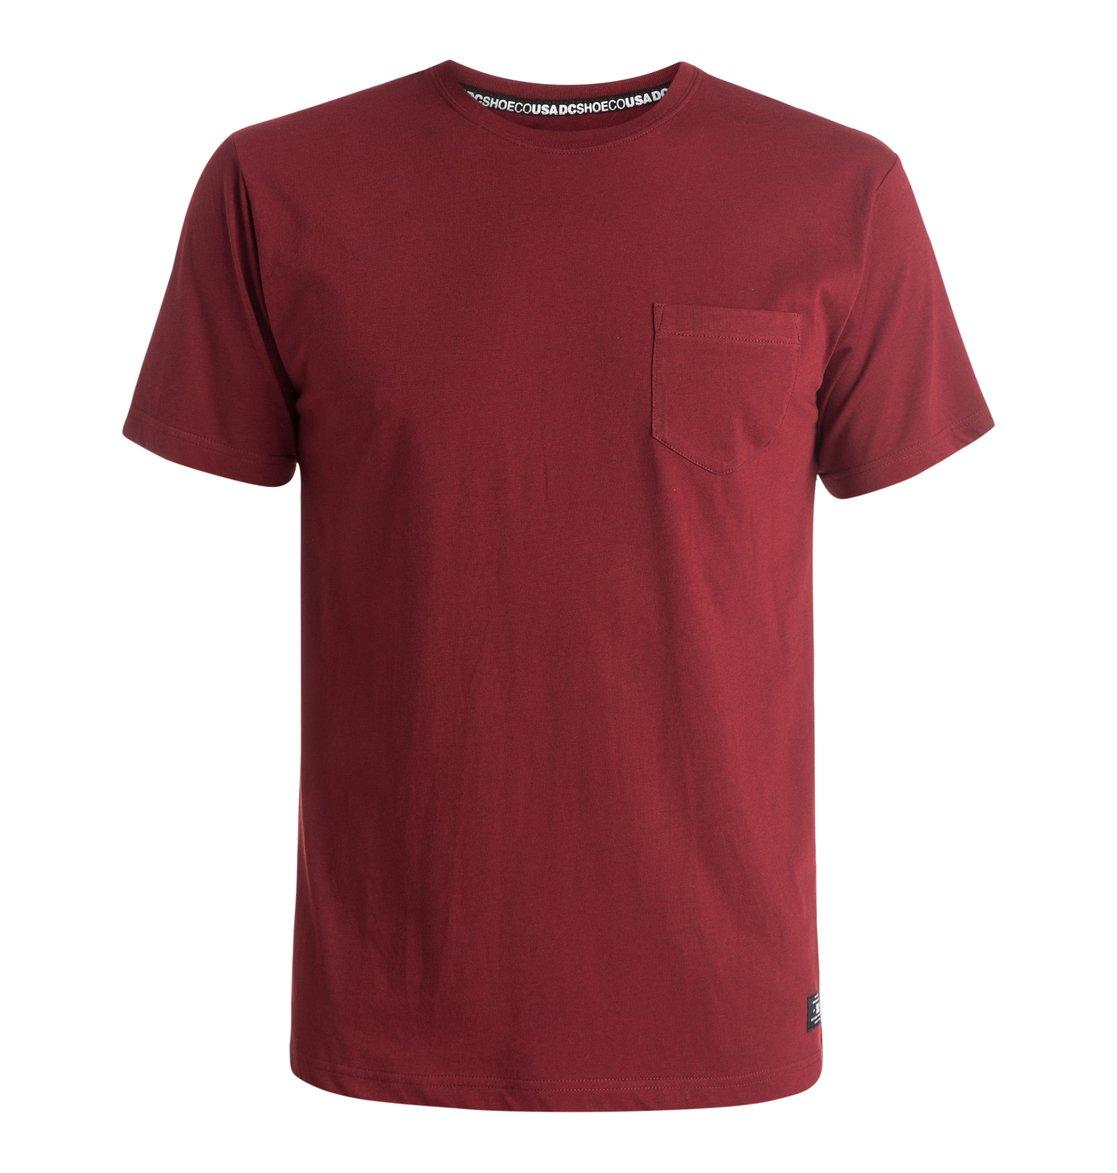 Pocket T-ShirtМужская футболка Pocket от DC Shoes. <br>ХАРАКТЕРИСТИКИ: короткие рукава, нагрудный карман, сочетание хлопка и полиэстера, отделанный воротник, тесьма с маркировкой DCSHOECO в районе плеч и задней части воротника, ярлык с логотипом DC спереди. <br>СОСТАВ: 60% хлопок, 40% полиэстер.<br>